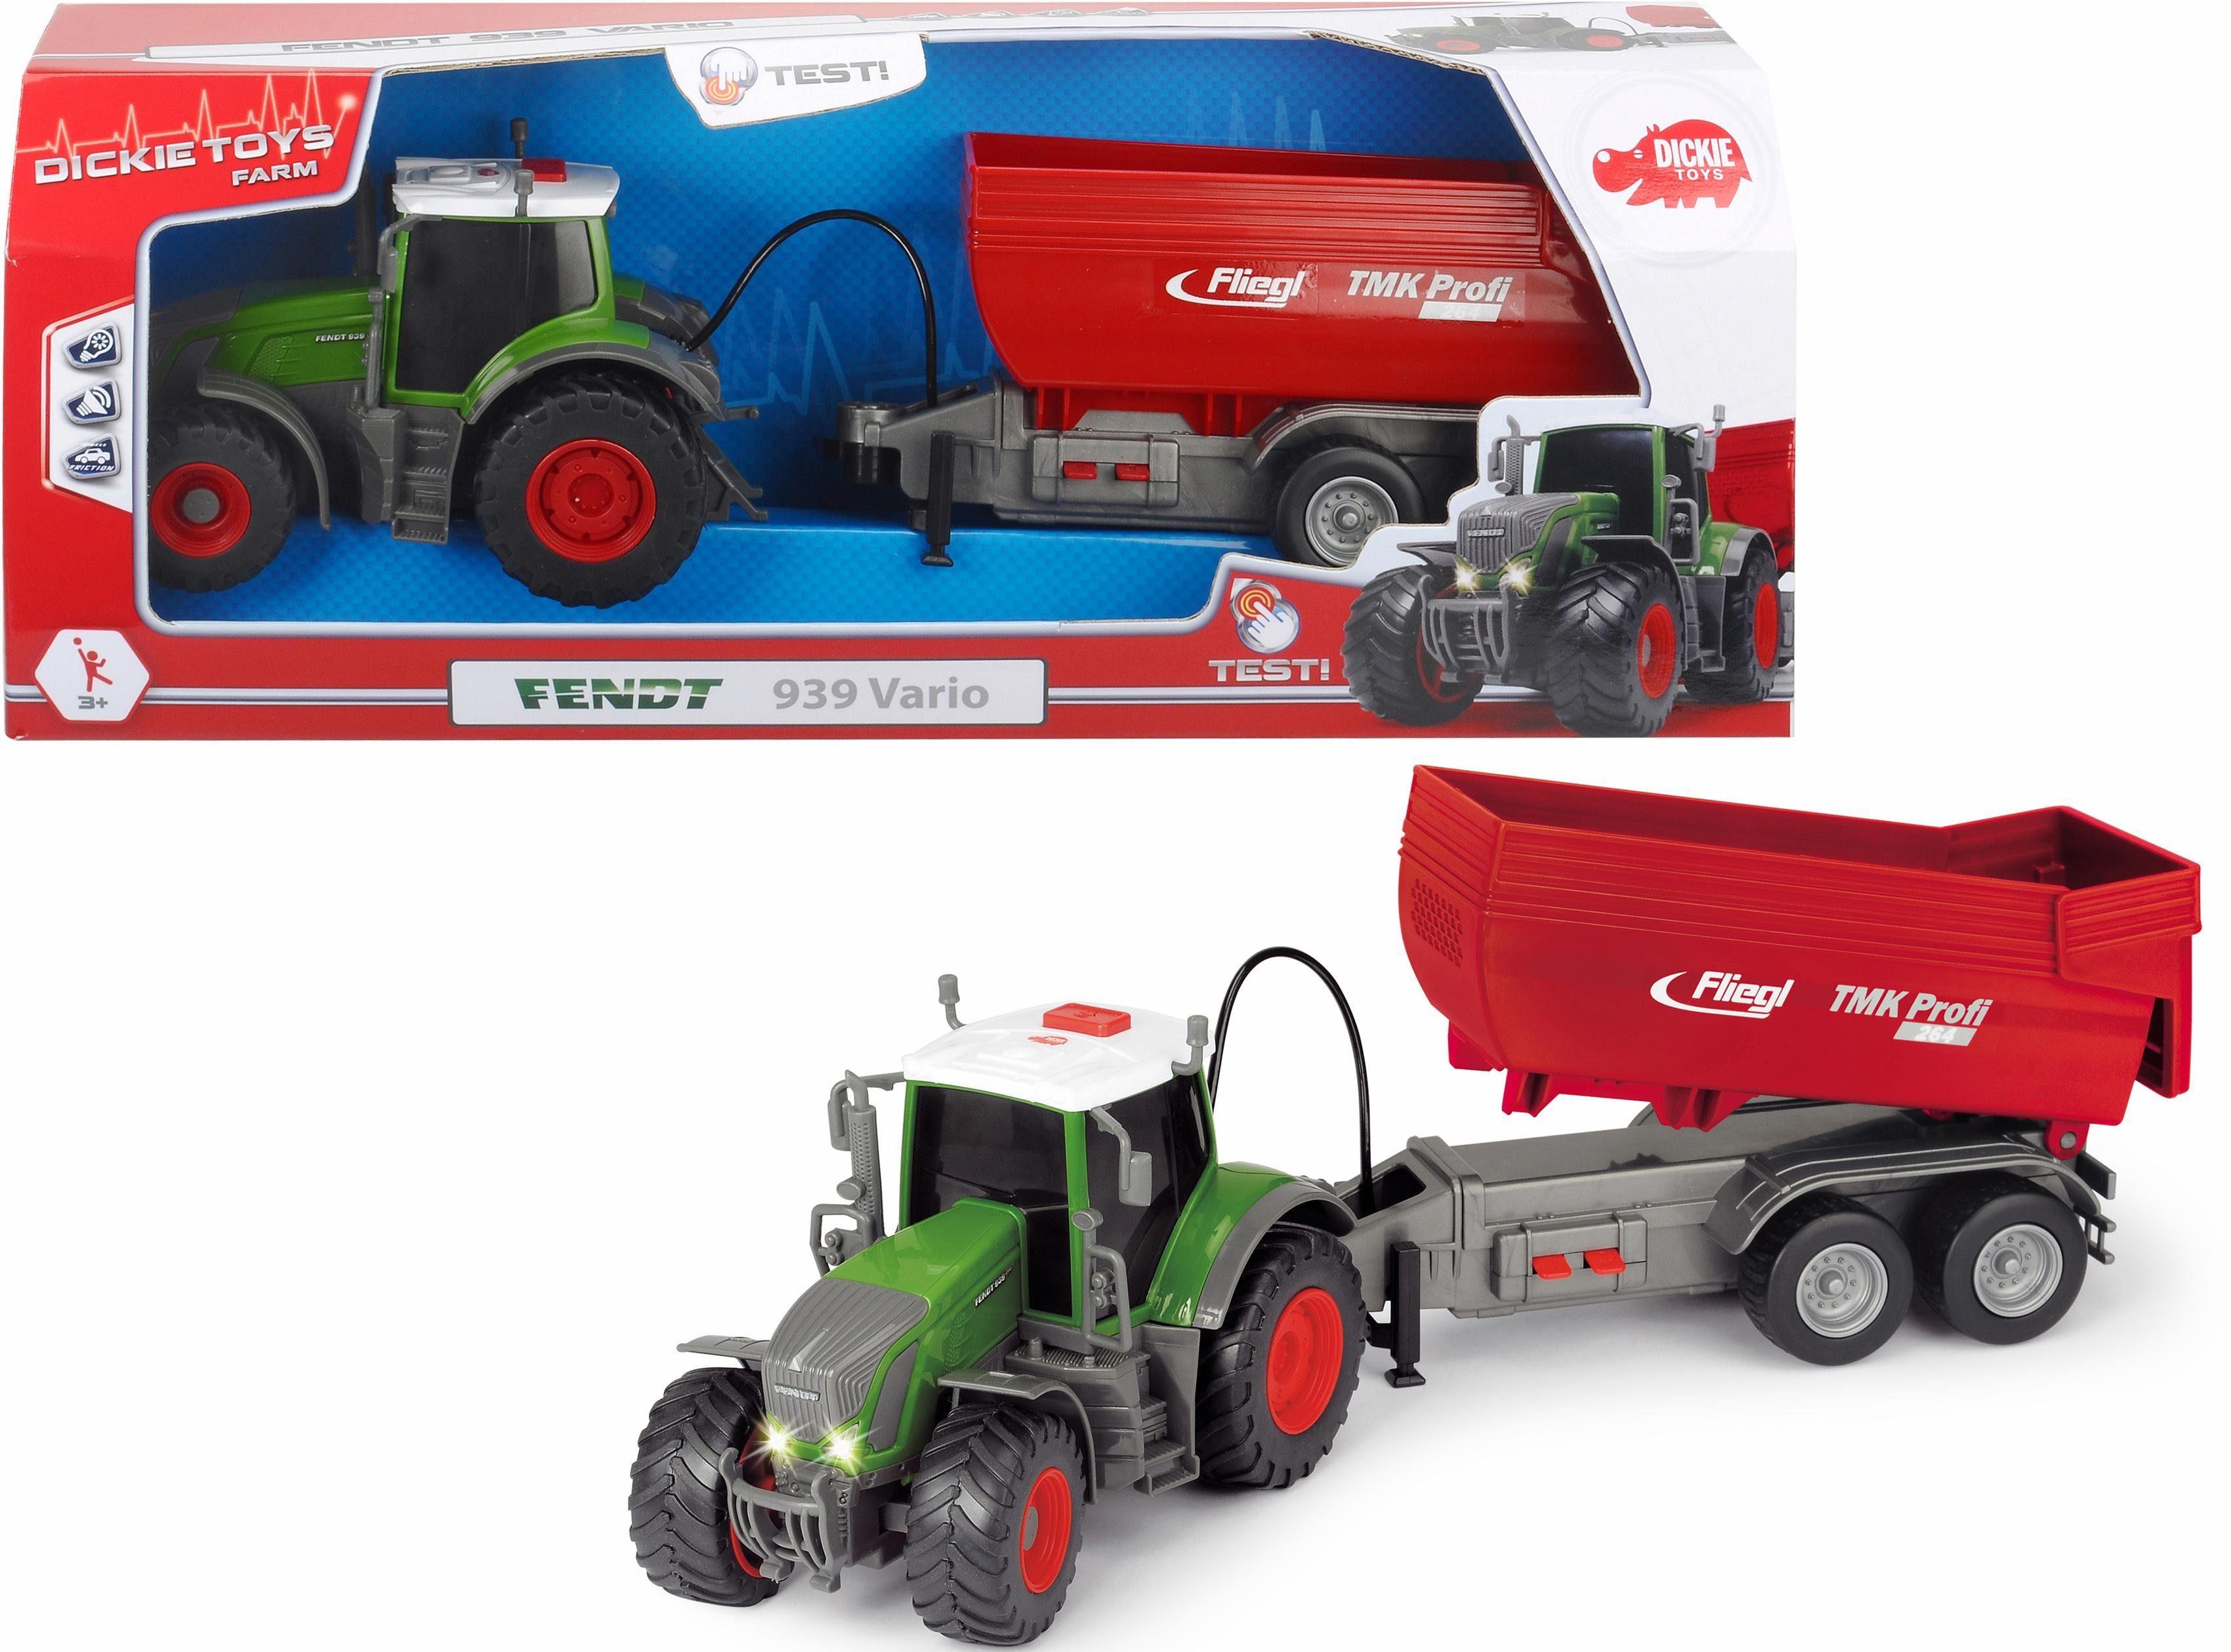 Dickie Toys Spielzeug Traktor mit Licht und Sound, »Fendt 939 Vario«